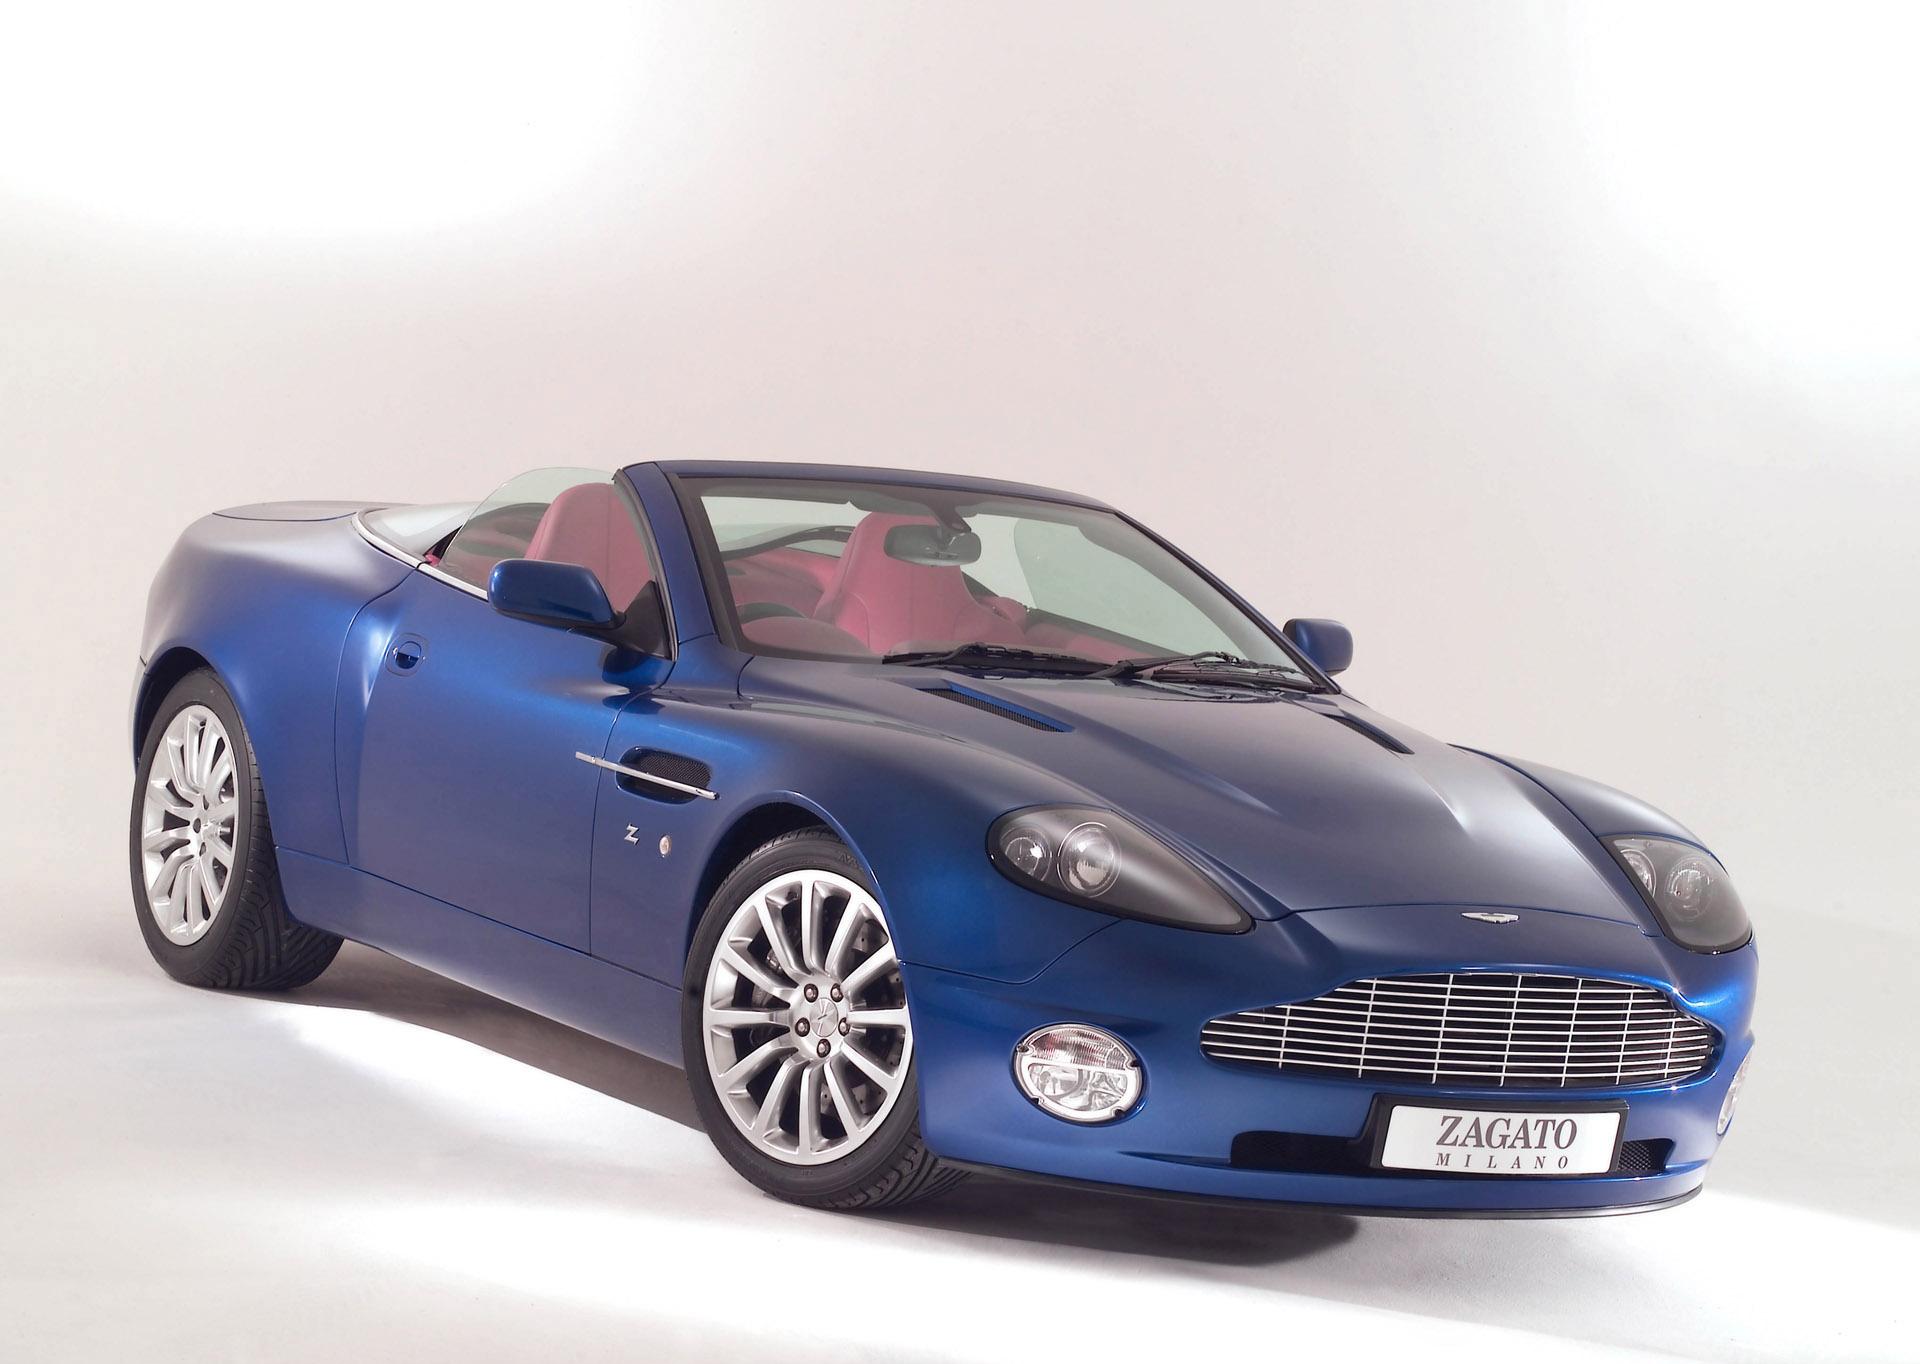 Zagato Aston Martin Vanquish Roadster photo #1